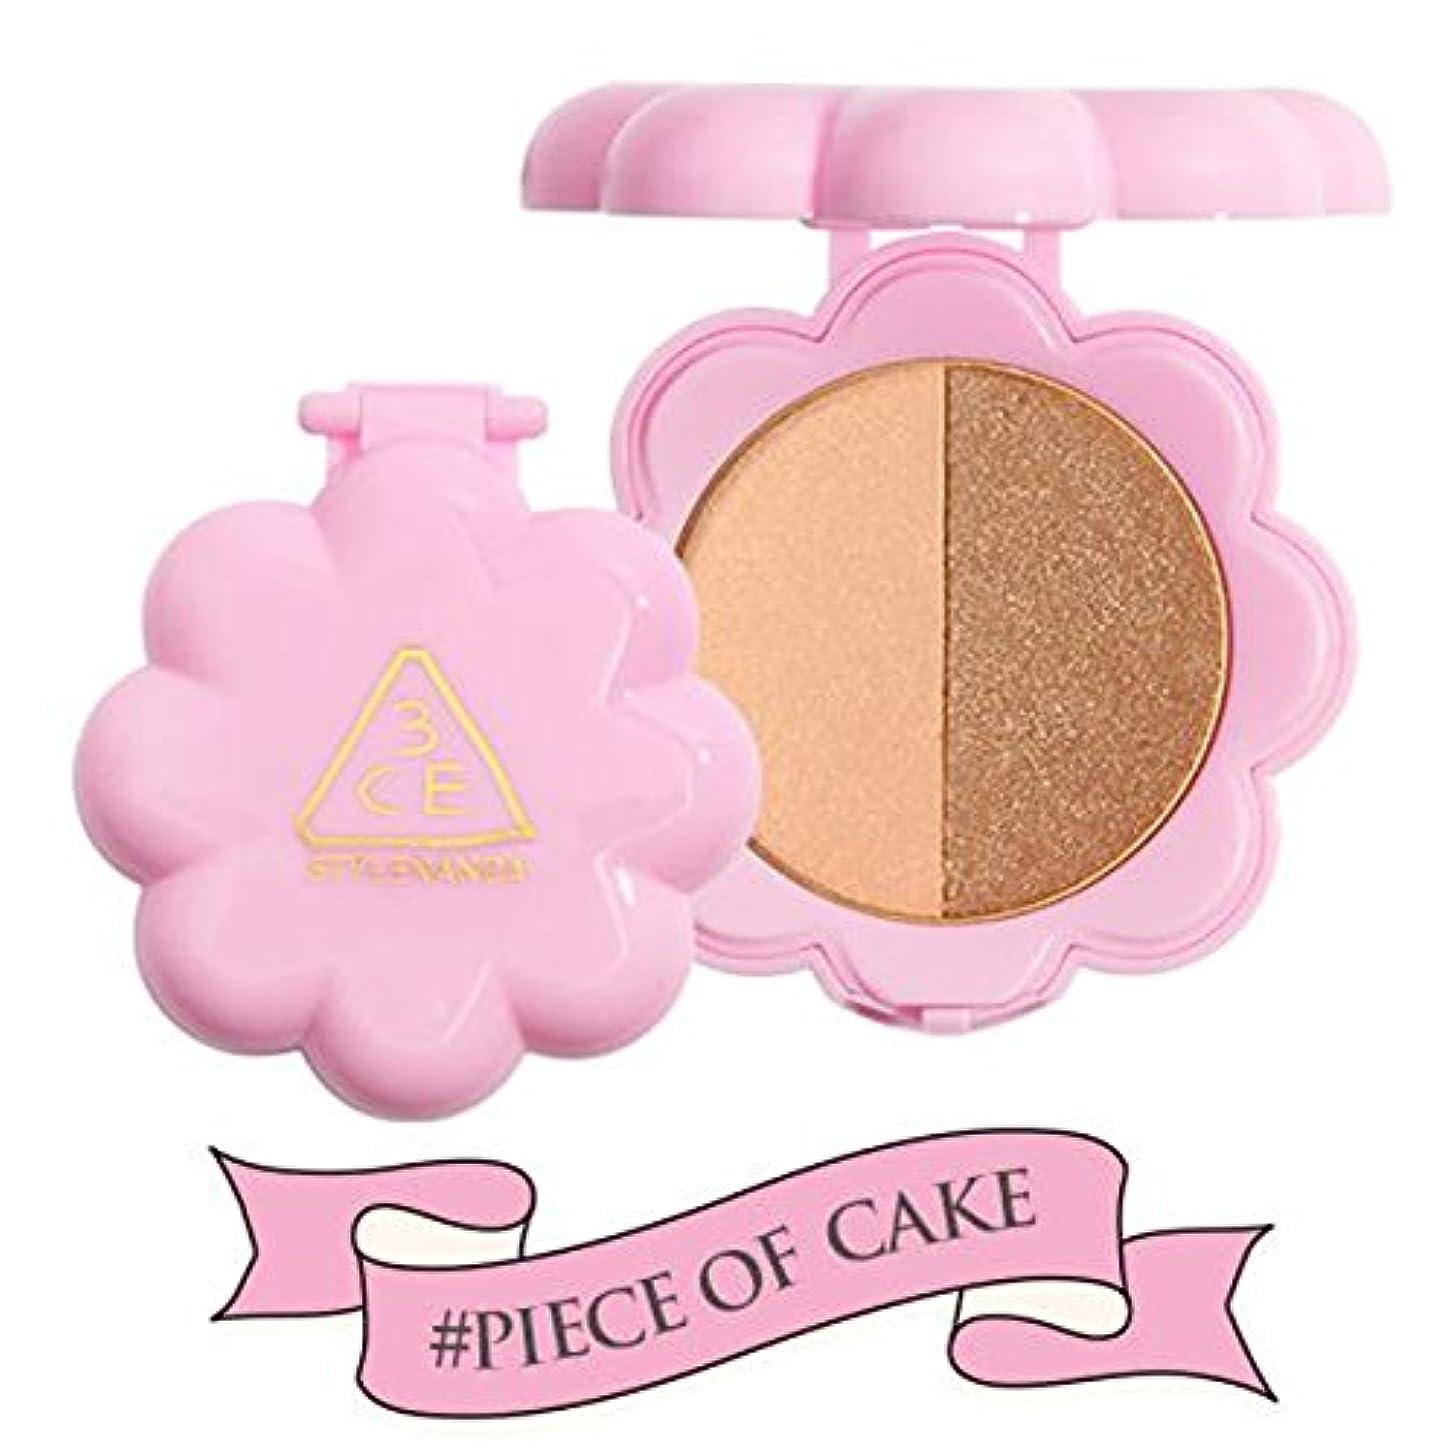 ウェブ導体居住者3CE スリーコンセプトアイズ LOVE デュオ シャドウ 3.2g PIECE OF CAKE (在庫) [並行輸入品]